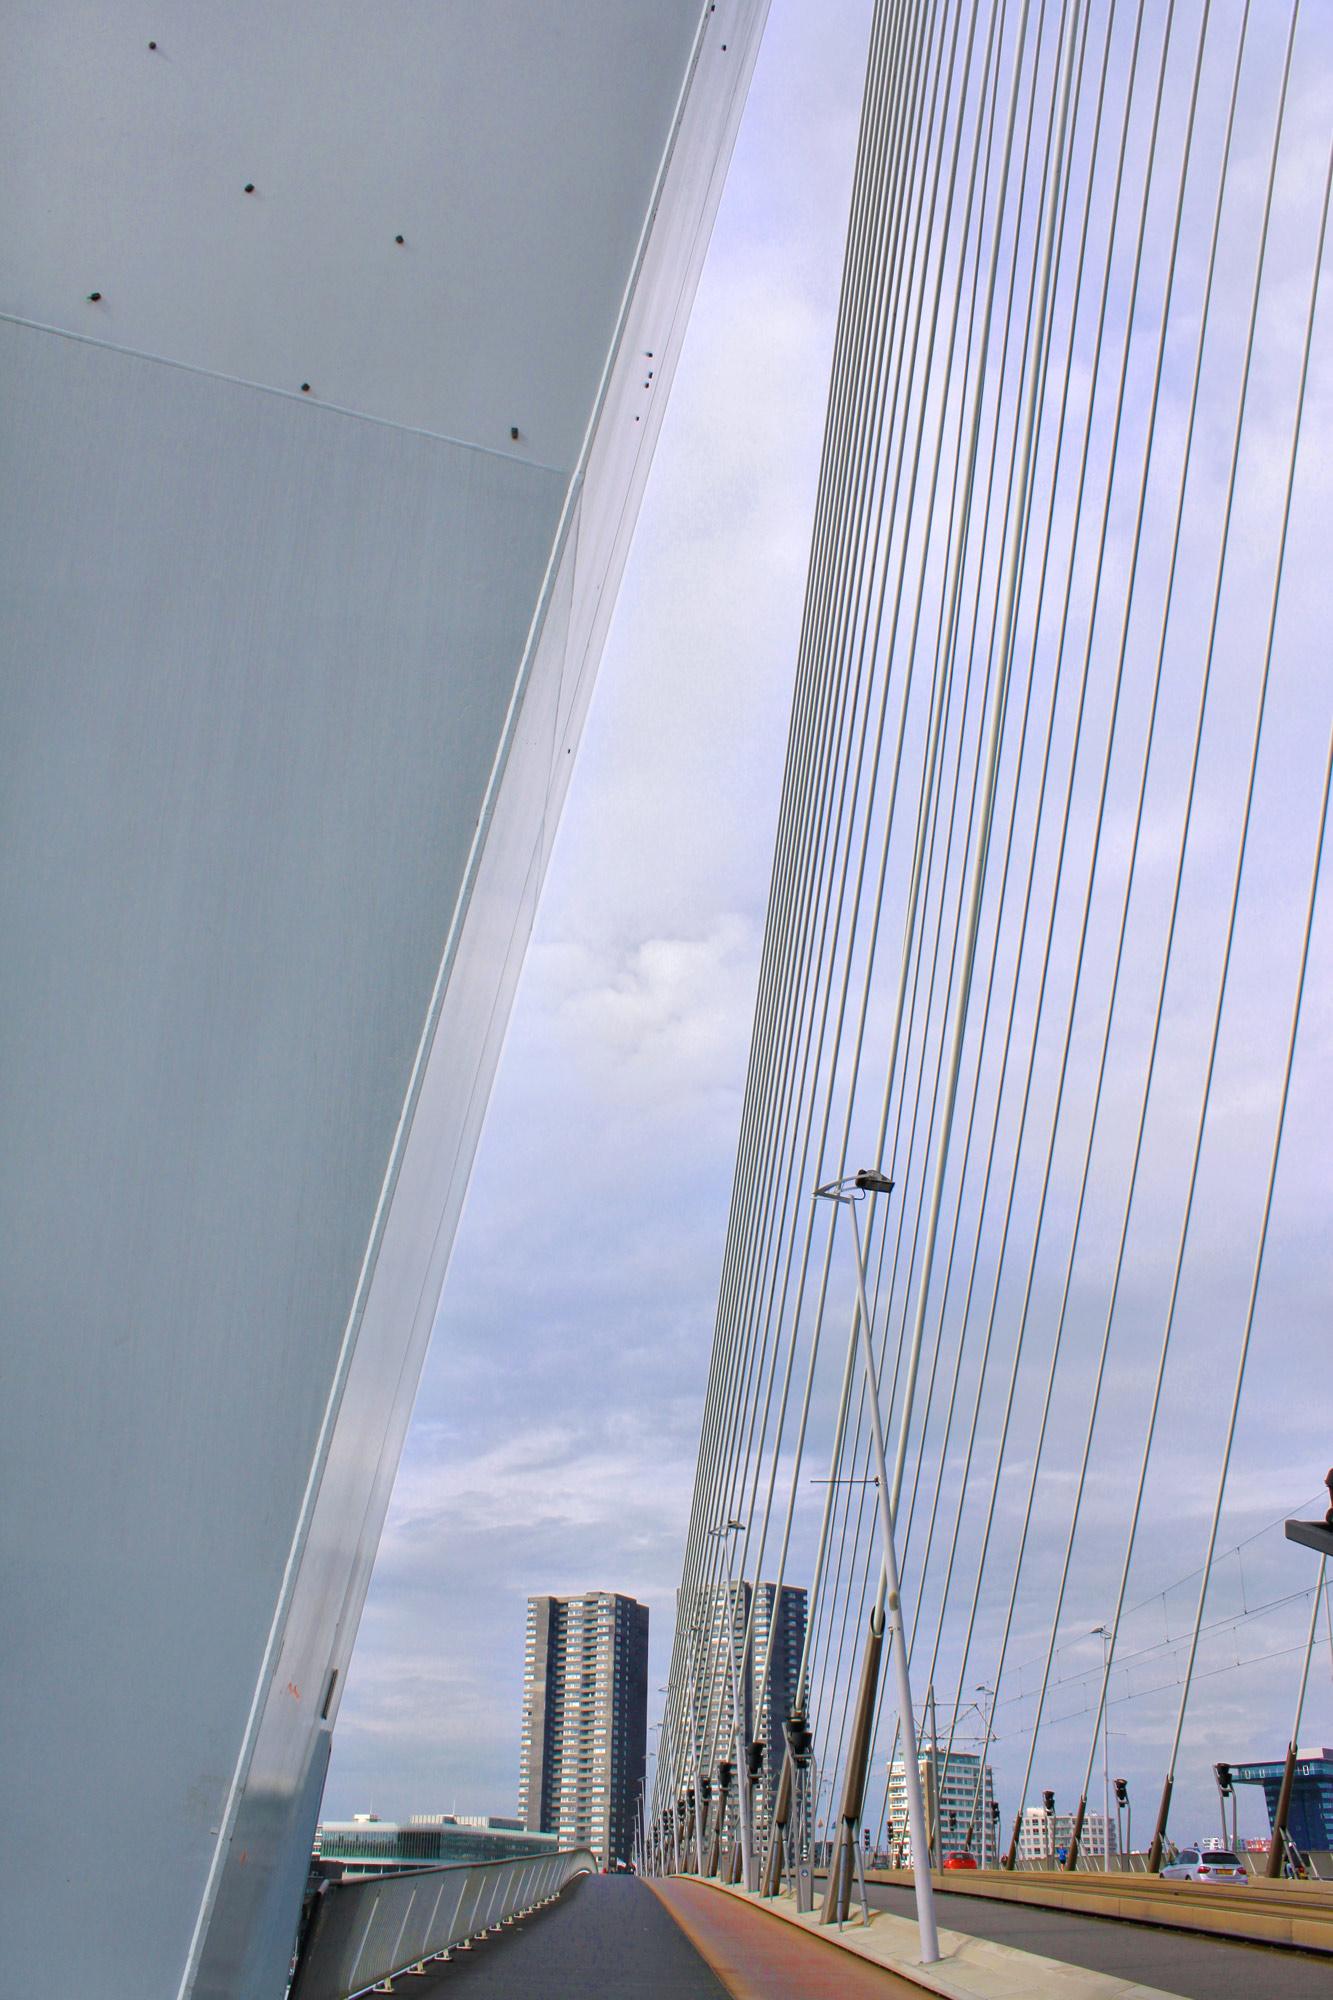 Erasmusbrücke Pylon